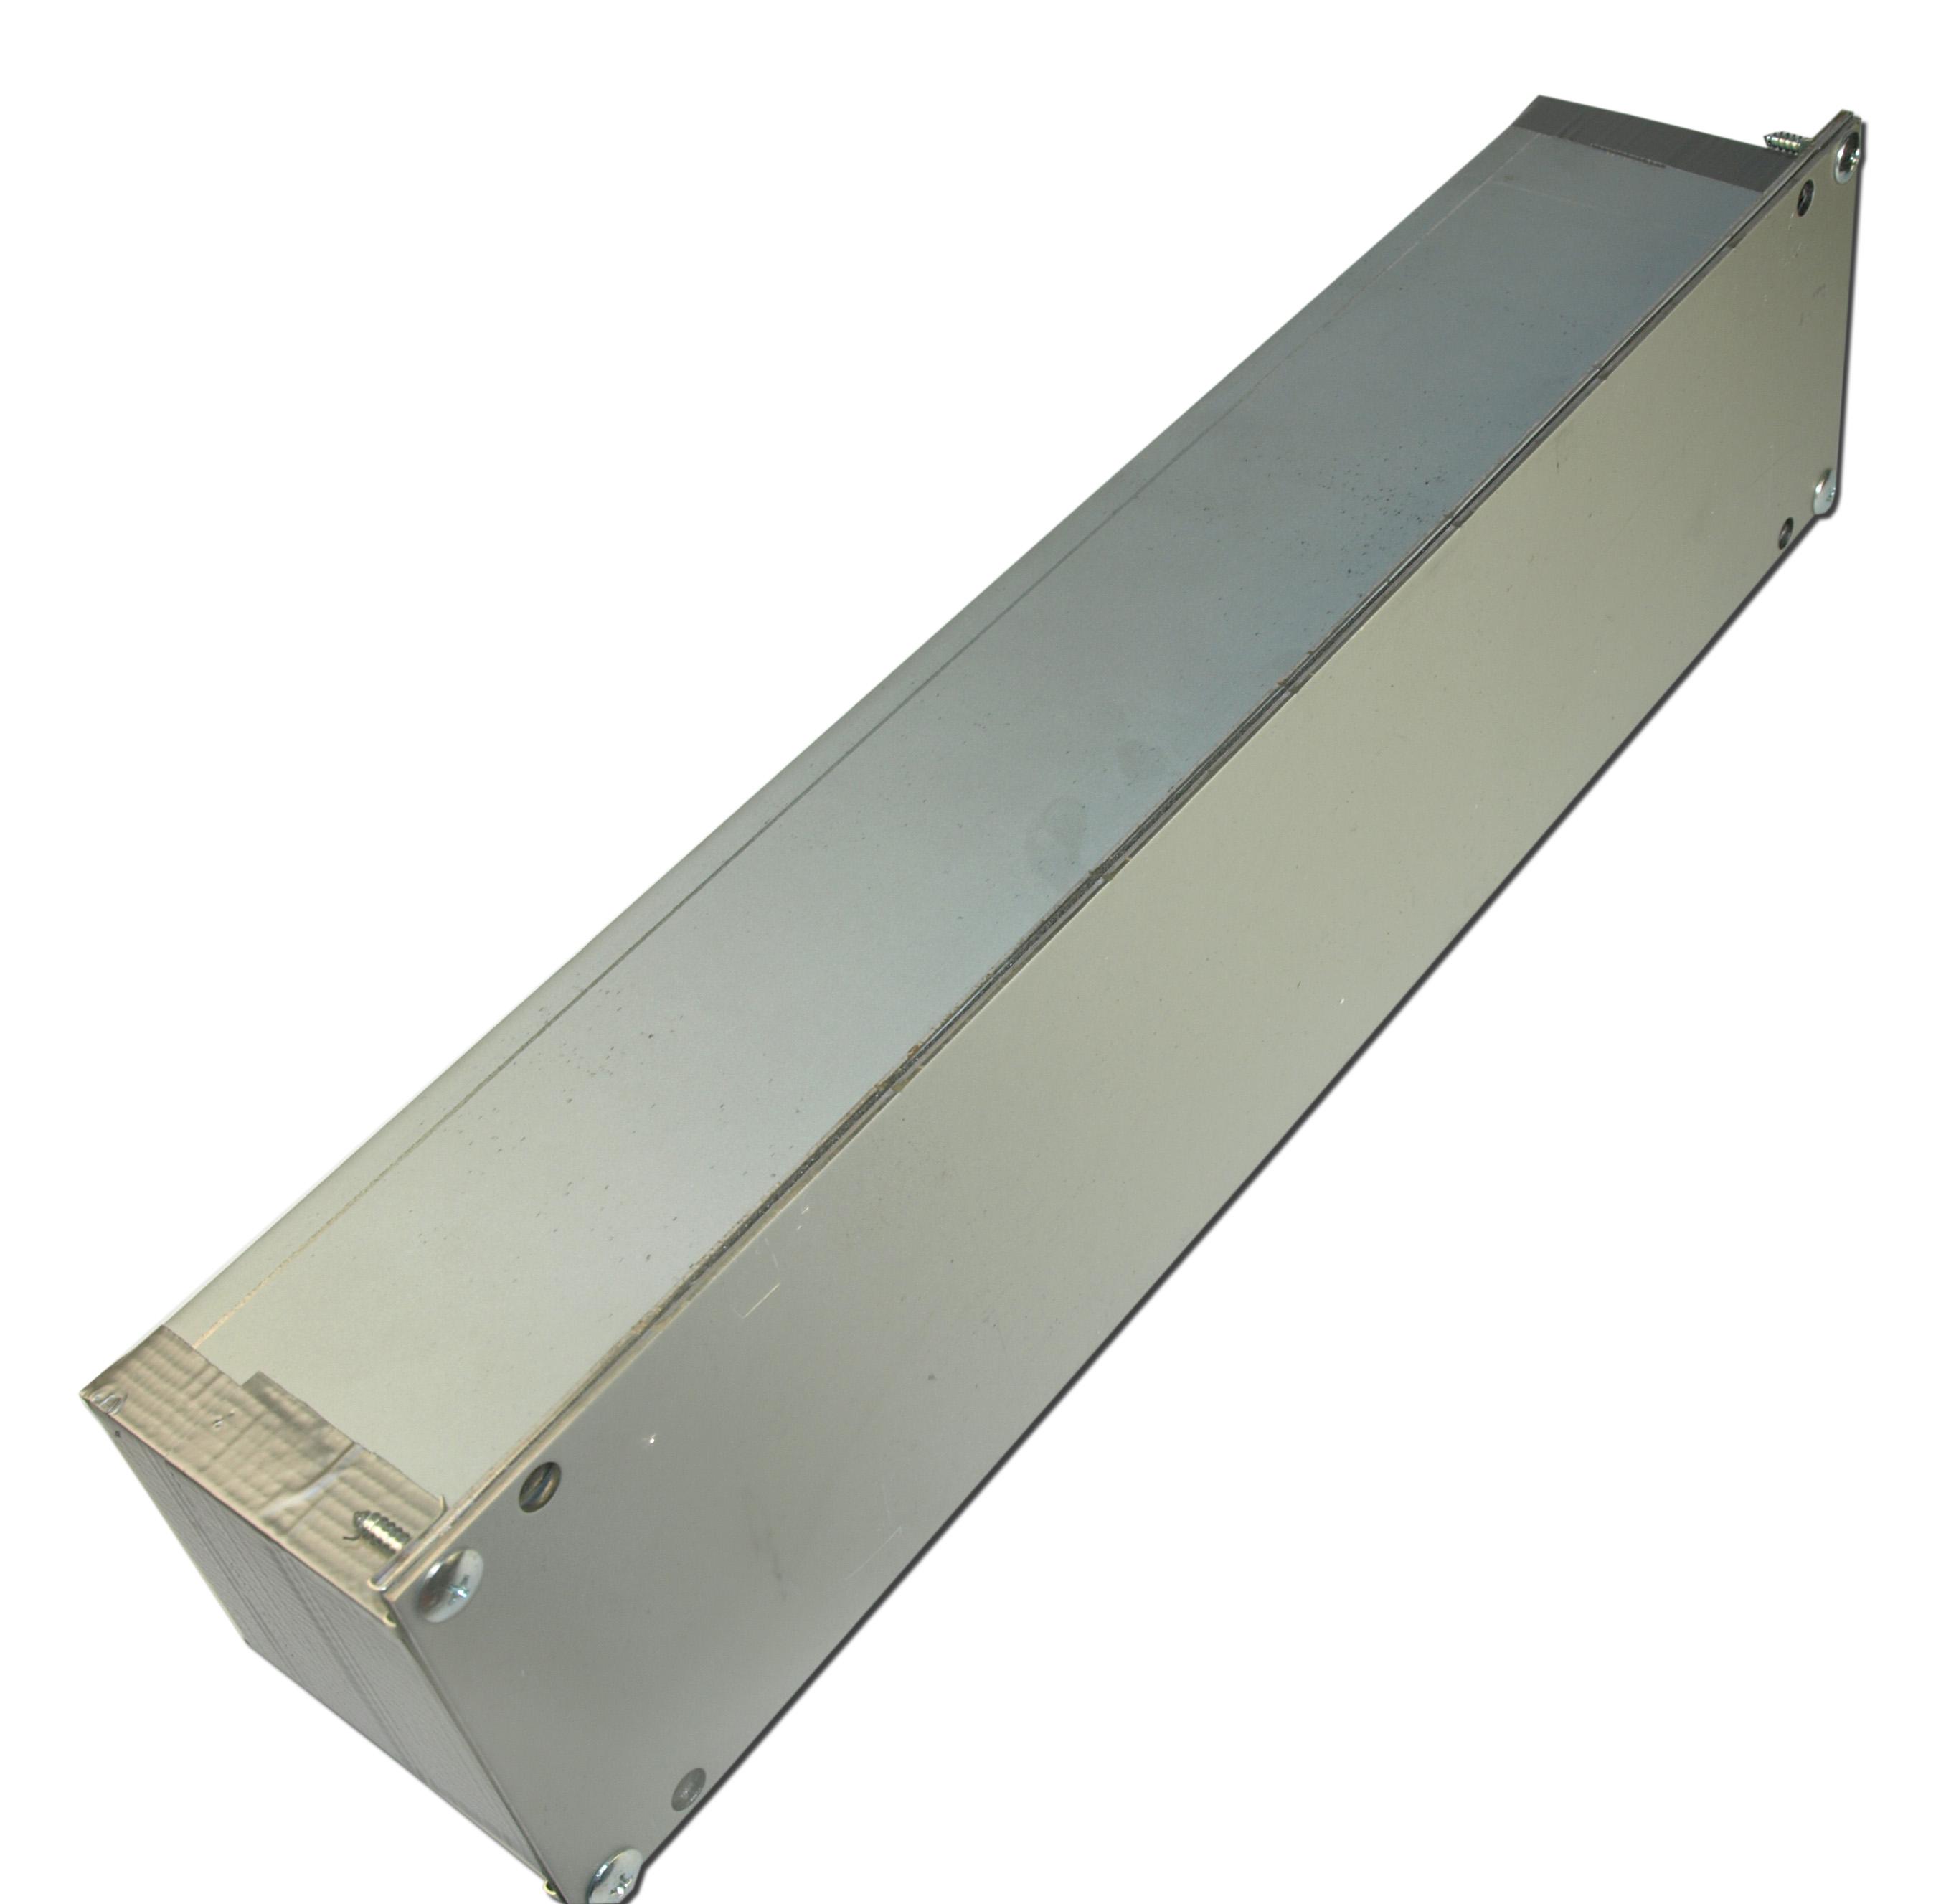 1 Stk Betoneinbaukasten für Notleuchten Design U6 NLU6BE----